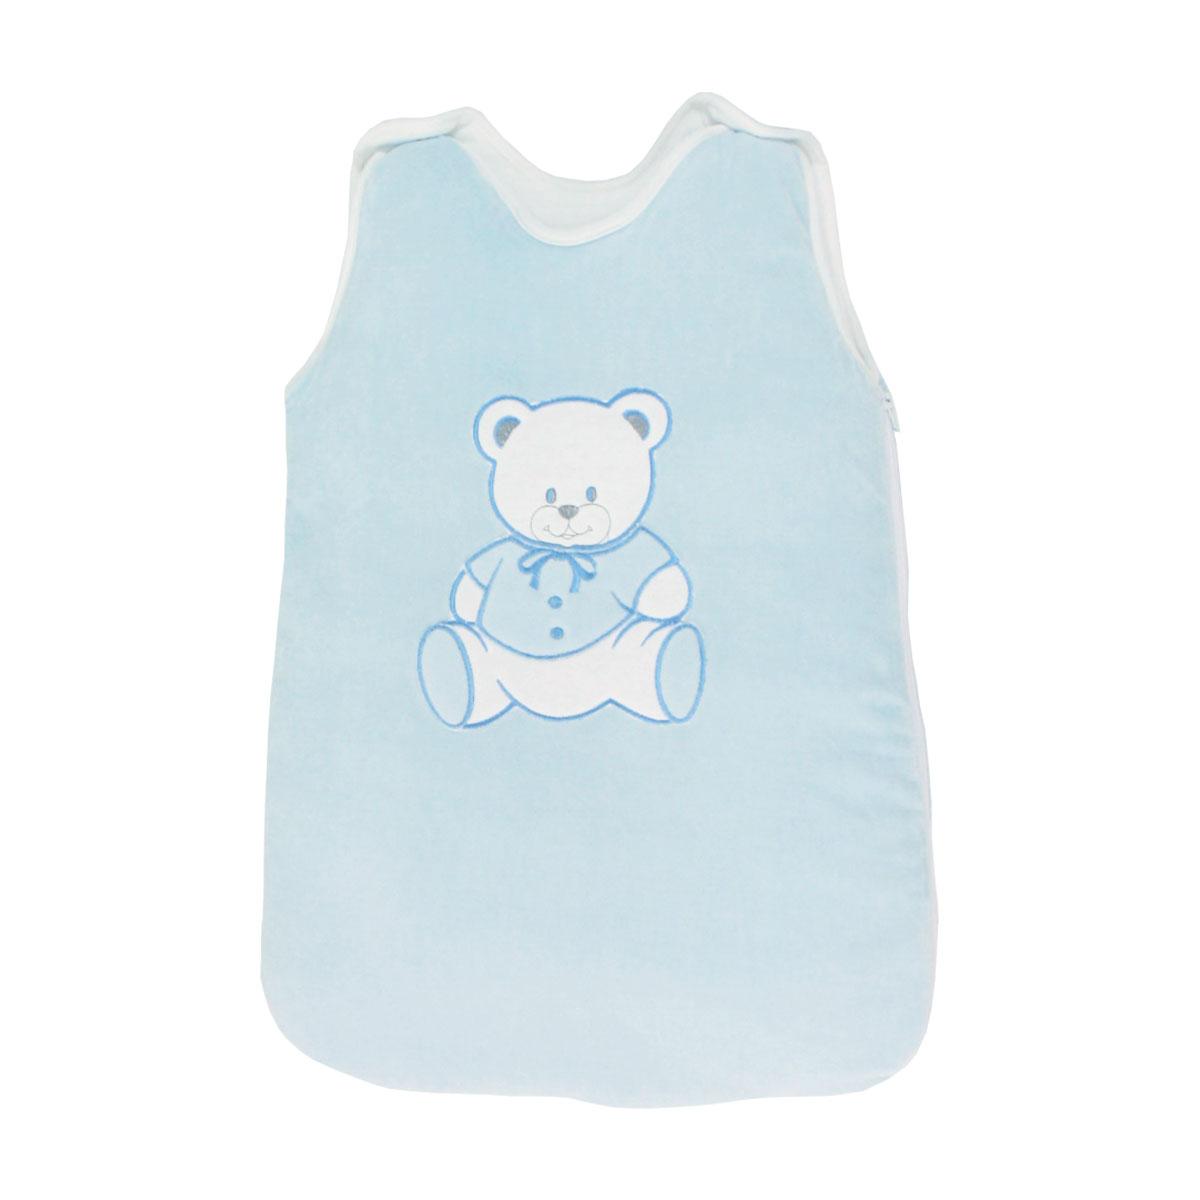 Gigoteuse pour bébé 0 à 6 Mois bleu - Motif Nounours